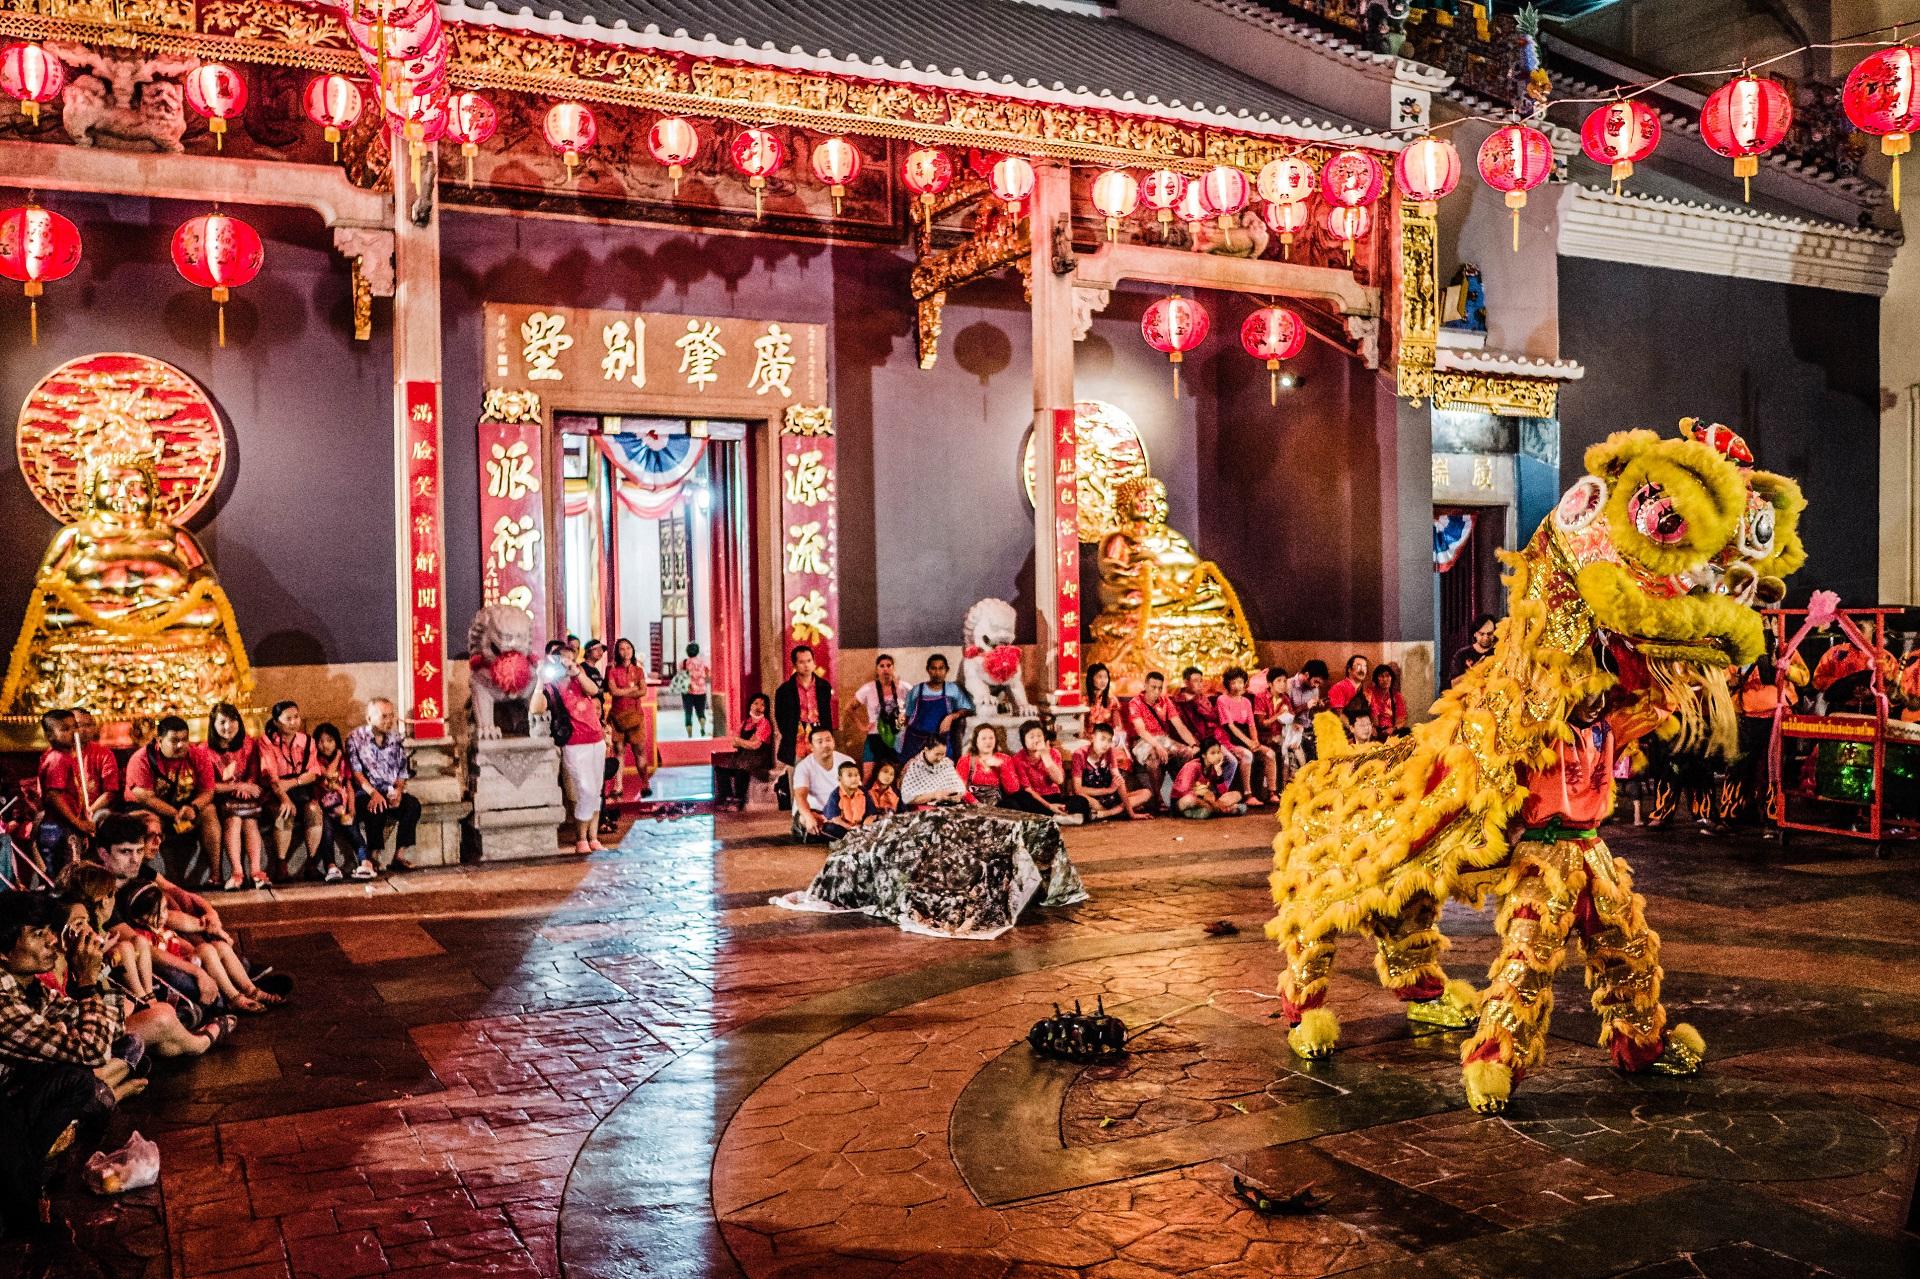 Chinesischen Neujahr